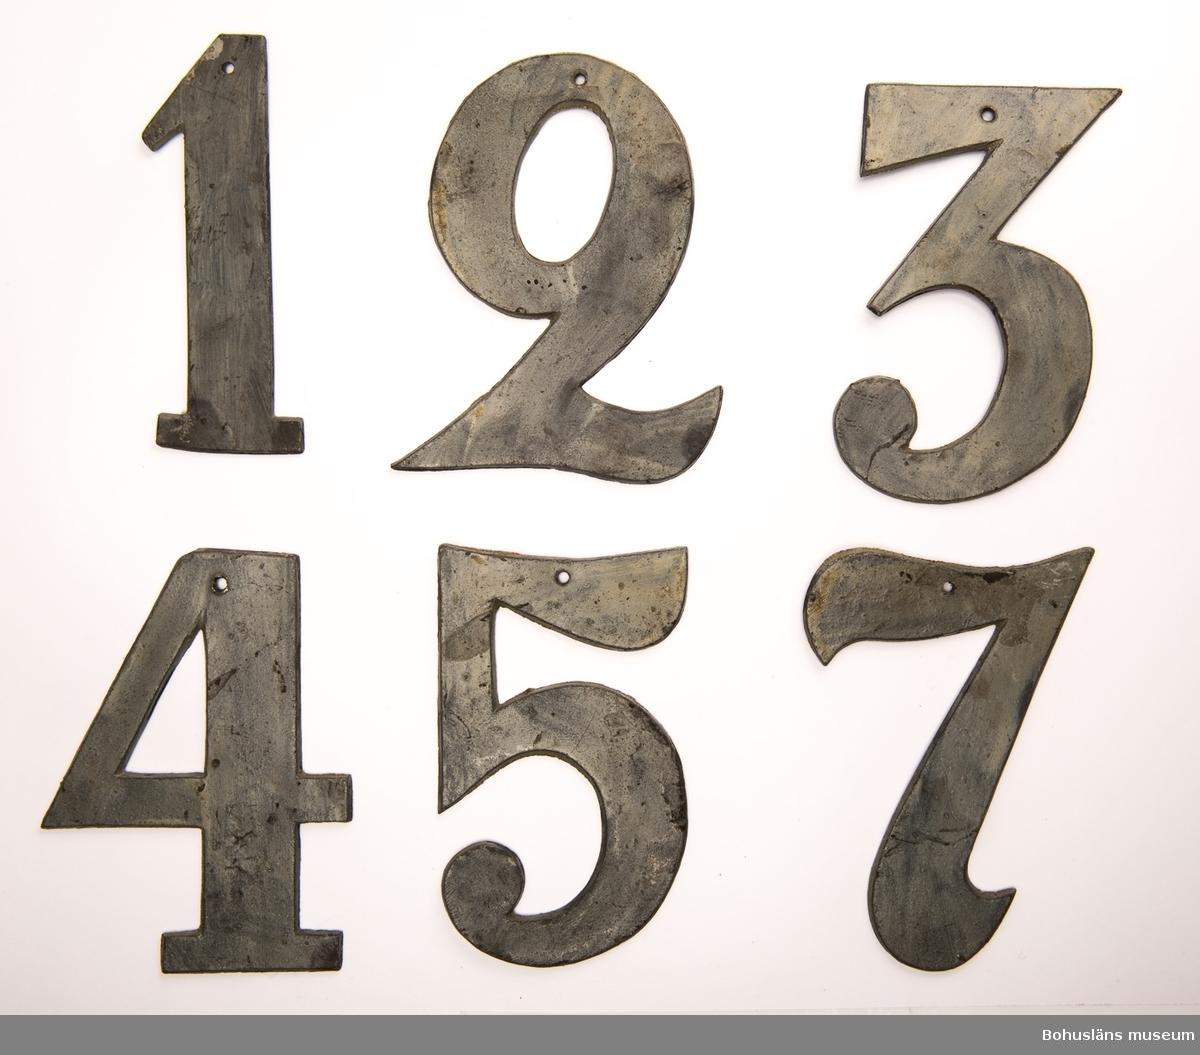 Siffror av blyplåt, etta, tvåa, trea, fyra, femma, sjua, på baksidan märkta b, c, d, e, f, g. Målade. Siffrorna hör till nummertavla UM00405 från Norra Ryrs gamla kyrka,  Ur handskrivna katalogen 1957-1958: Nummertavla 1732 Lane Ryr H, utan stjärnan: 62,5 cm. Br. 39 cm; trä, profil. ramlist, upptill 6-uddig stjärna.  6 tillk. siffror av bly, vitmålade, etta, tvåa, trea, fyra, femma, sjua, nr 405 b - 405 g. Föremålen oskadade.  Lappkatalog: 13